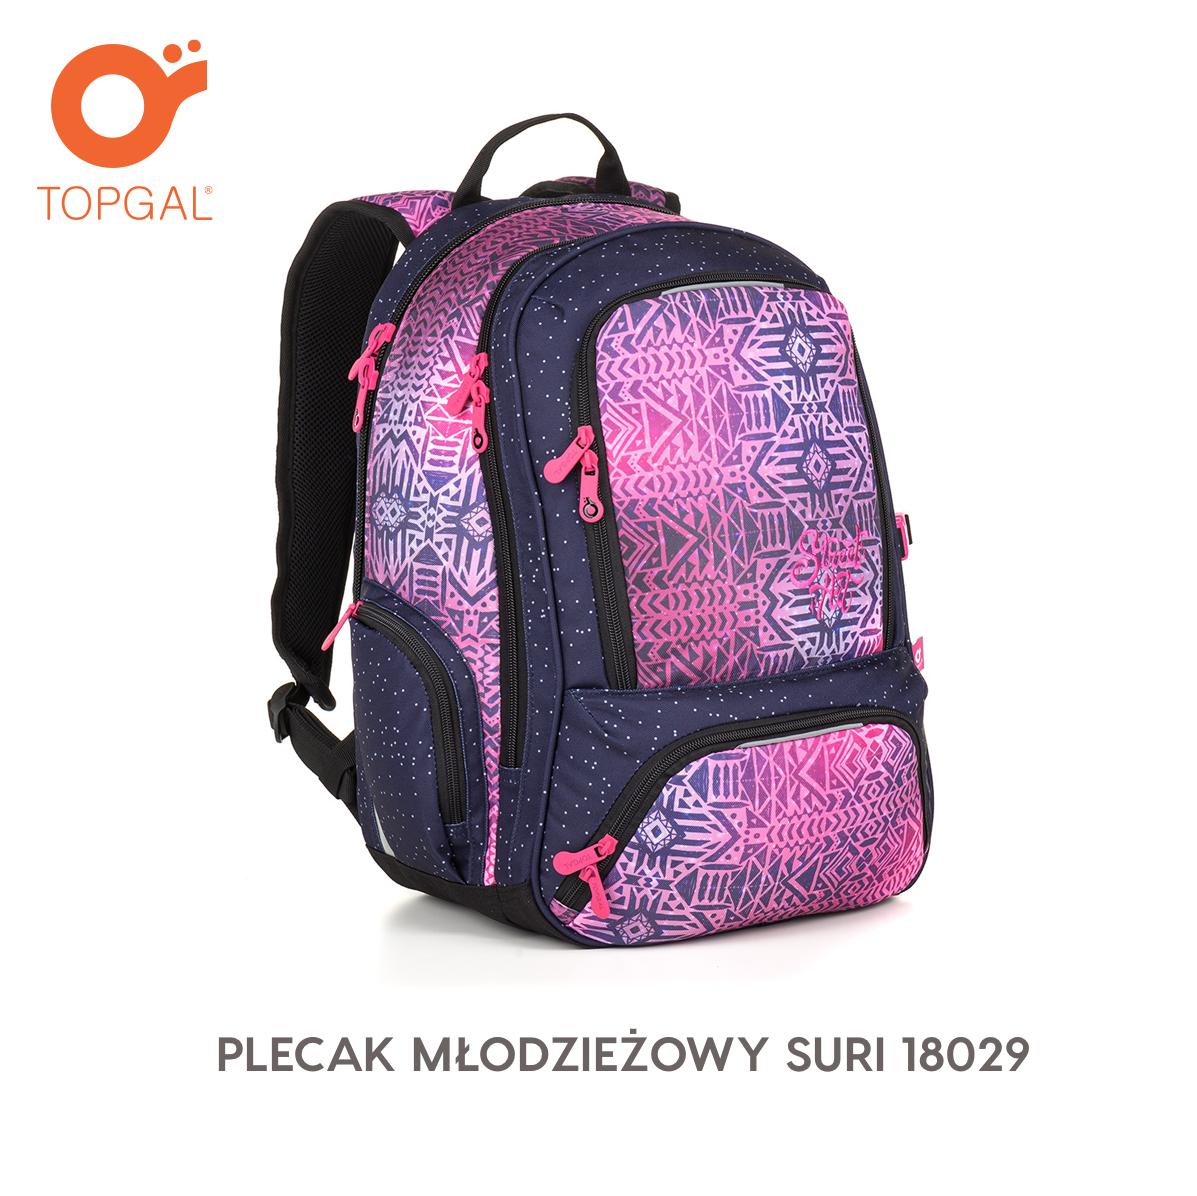 Plecak Mlodziezowy Suri 18029 Bags Backpacks Under Armour